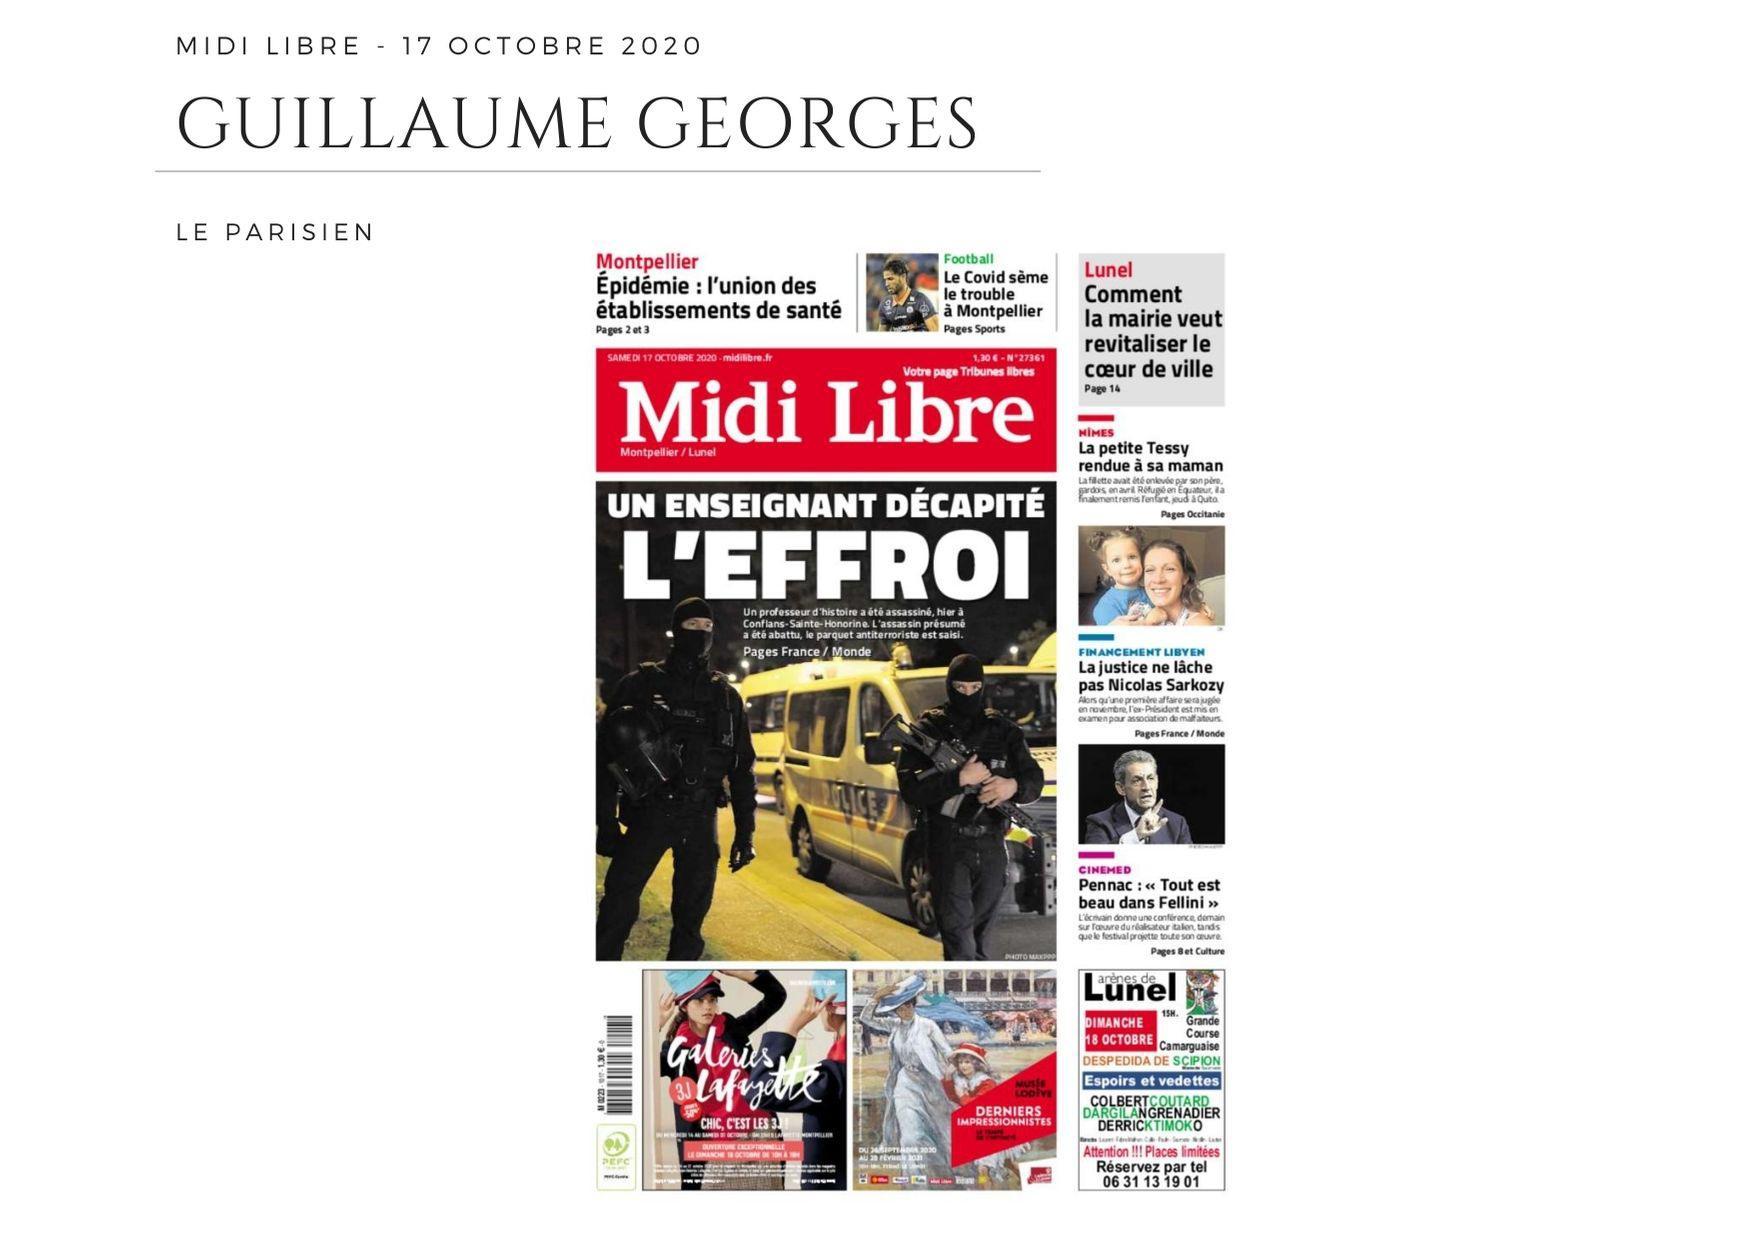 Midi Libre - 17 octobre 2020